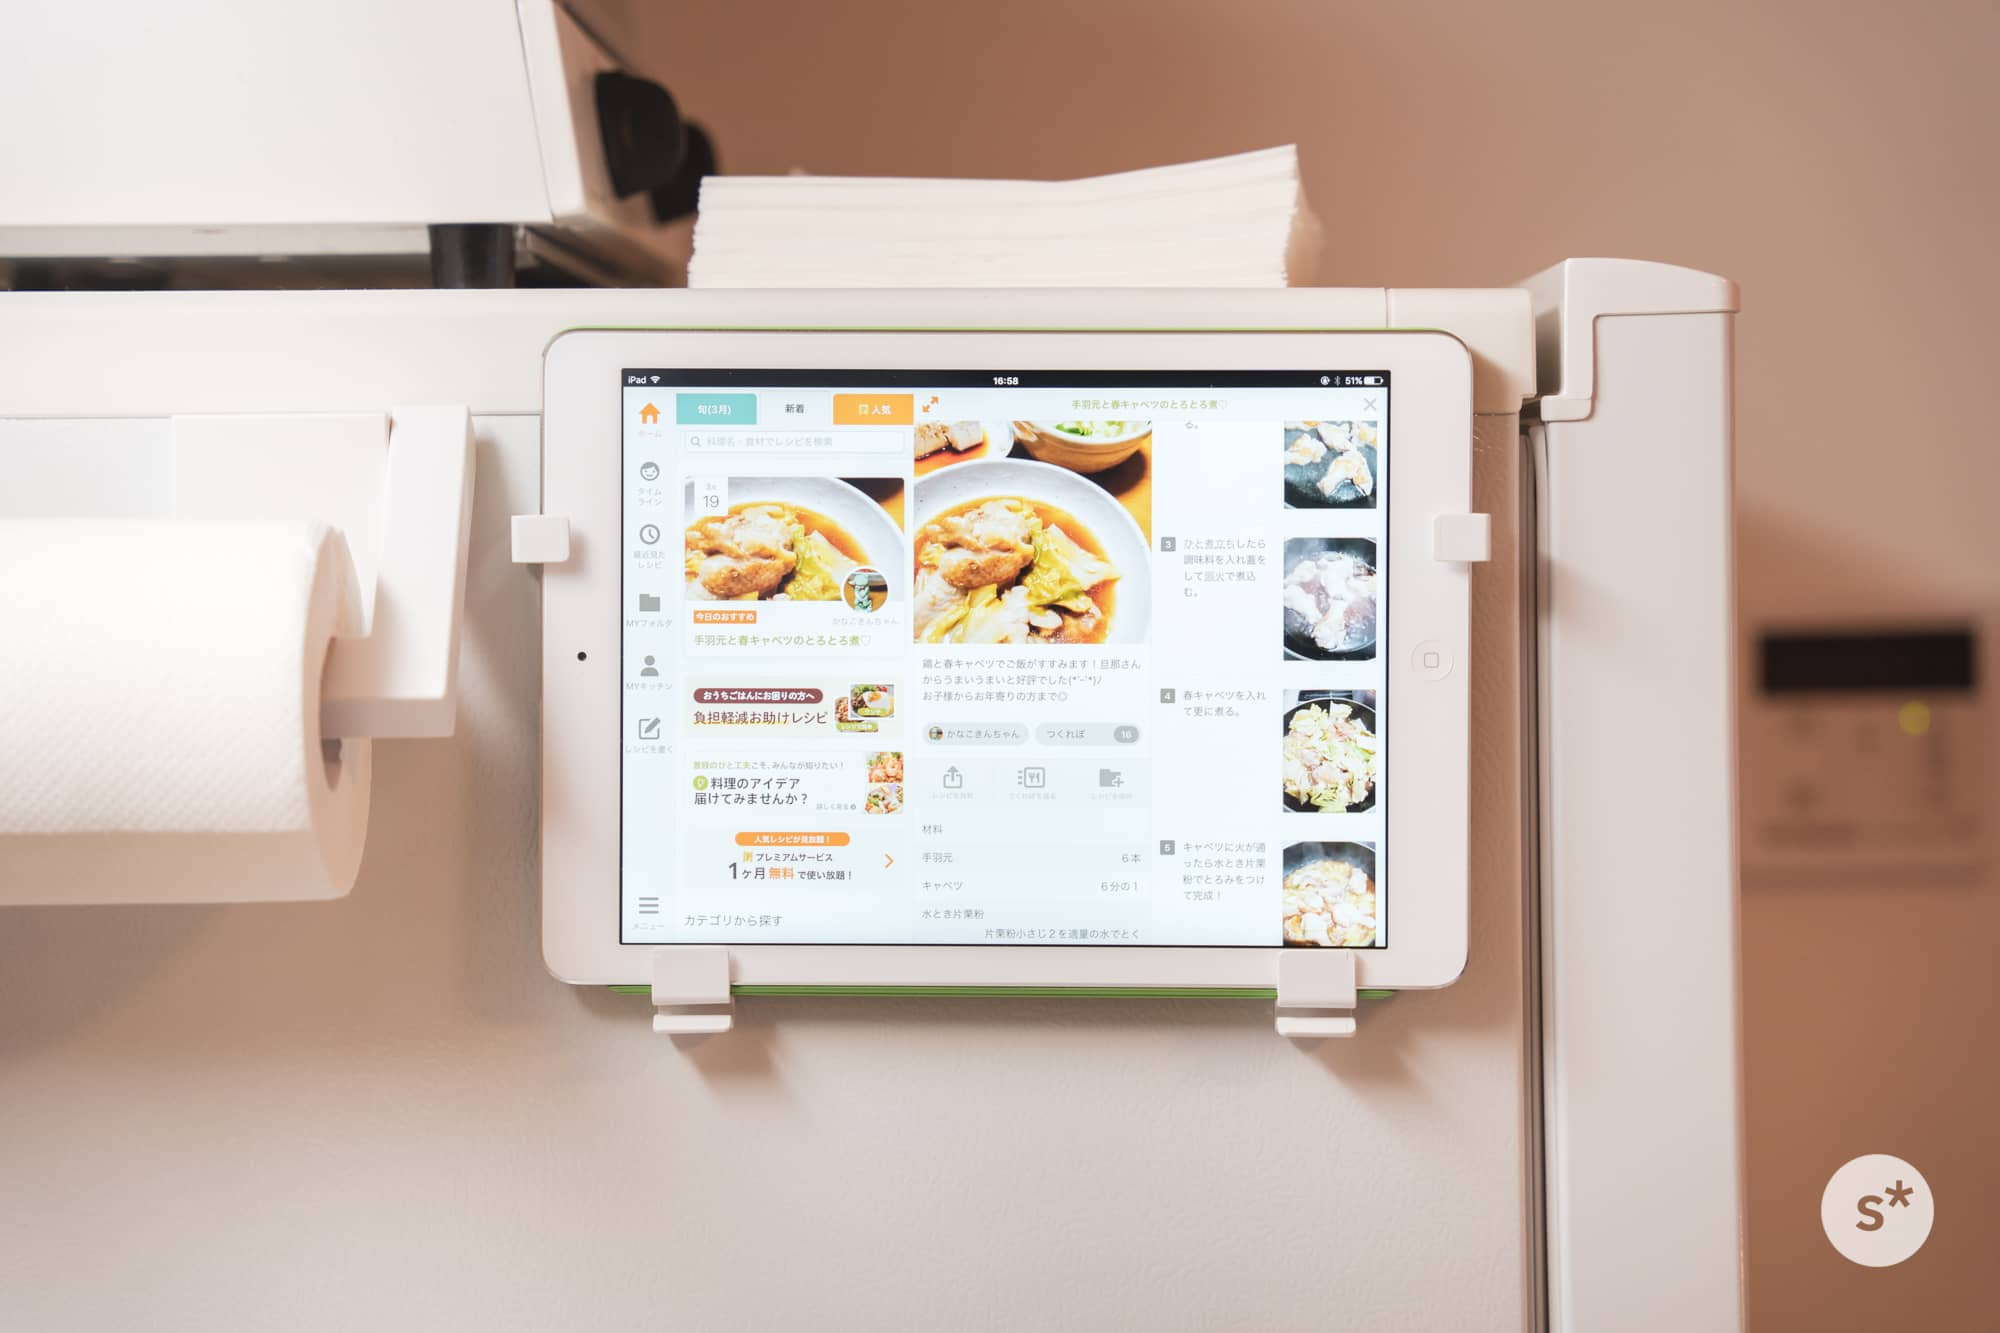 iPadを磁力で冷蔵庫に固定する